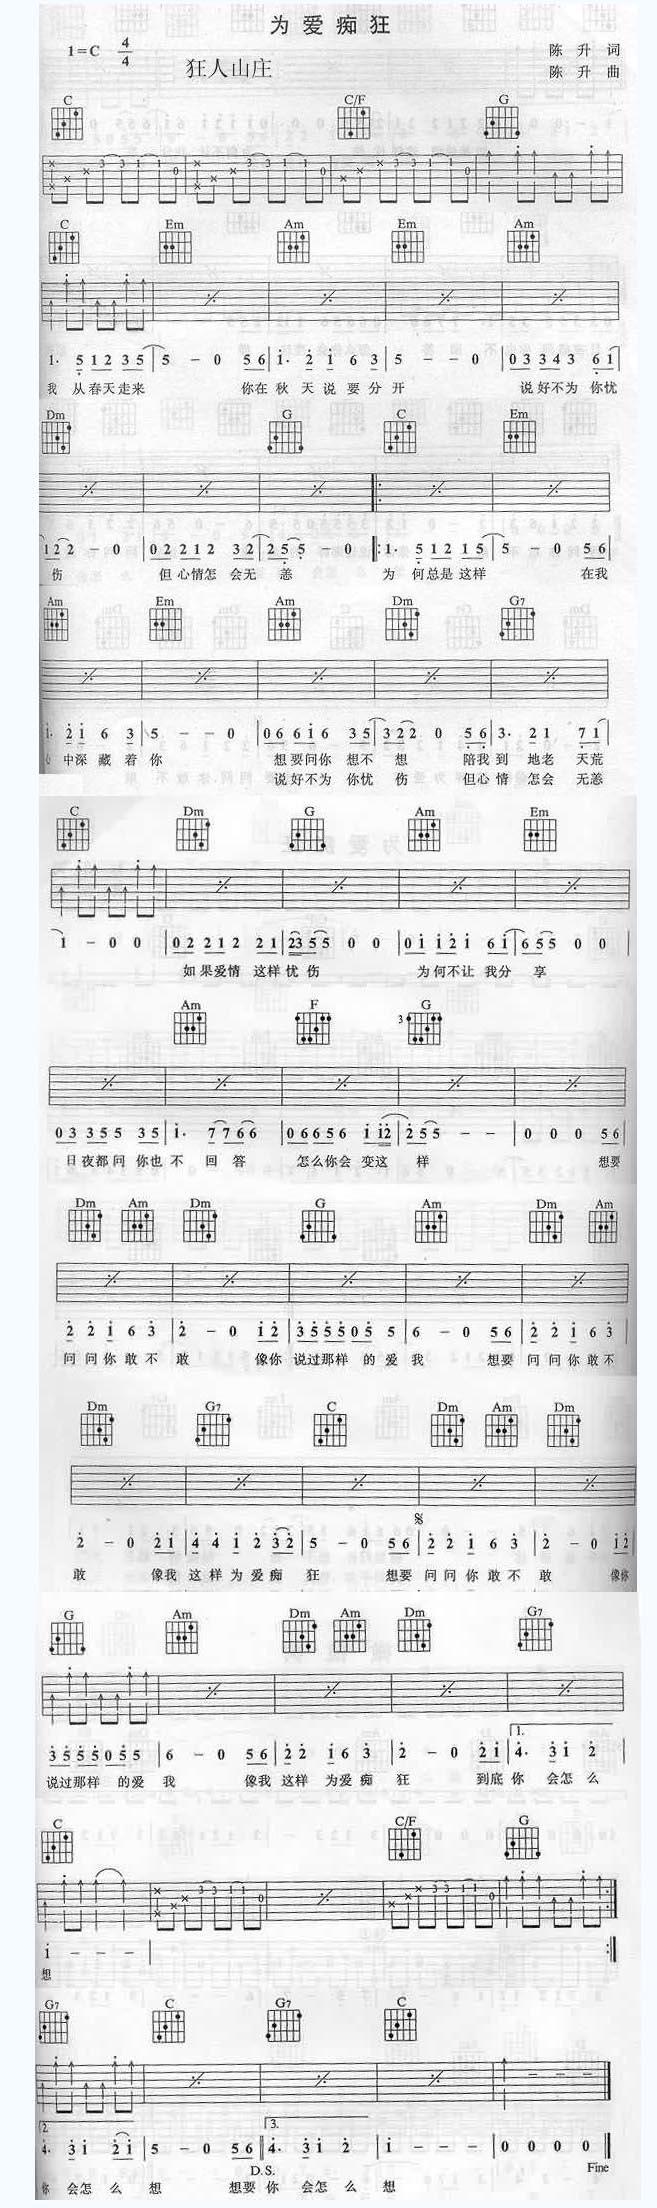 《为爱痴狂》 - 吉他谱_吉他曲谱_吉他歌谱 - 好曲谱网